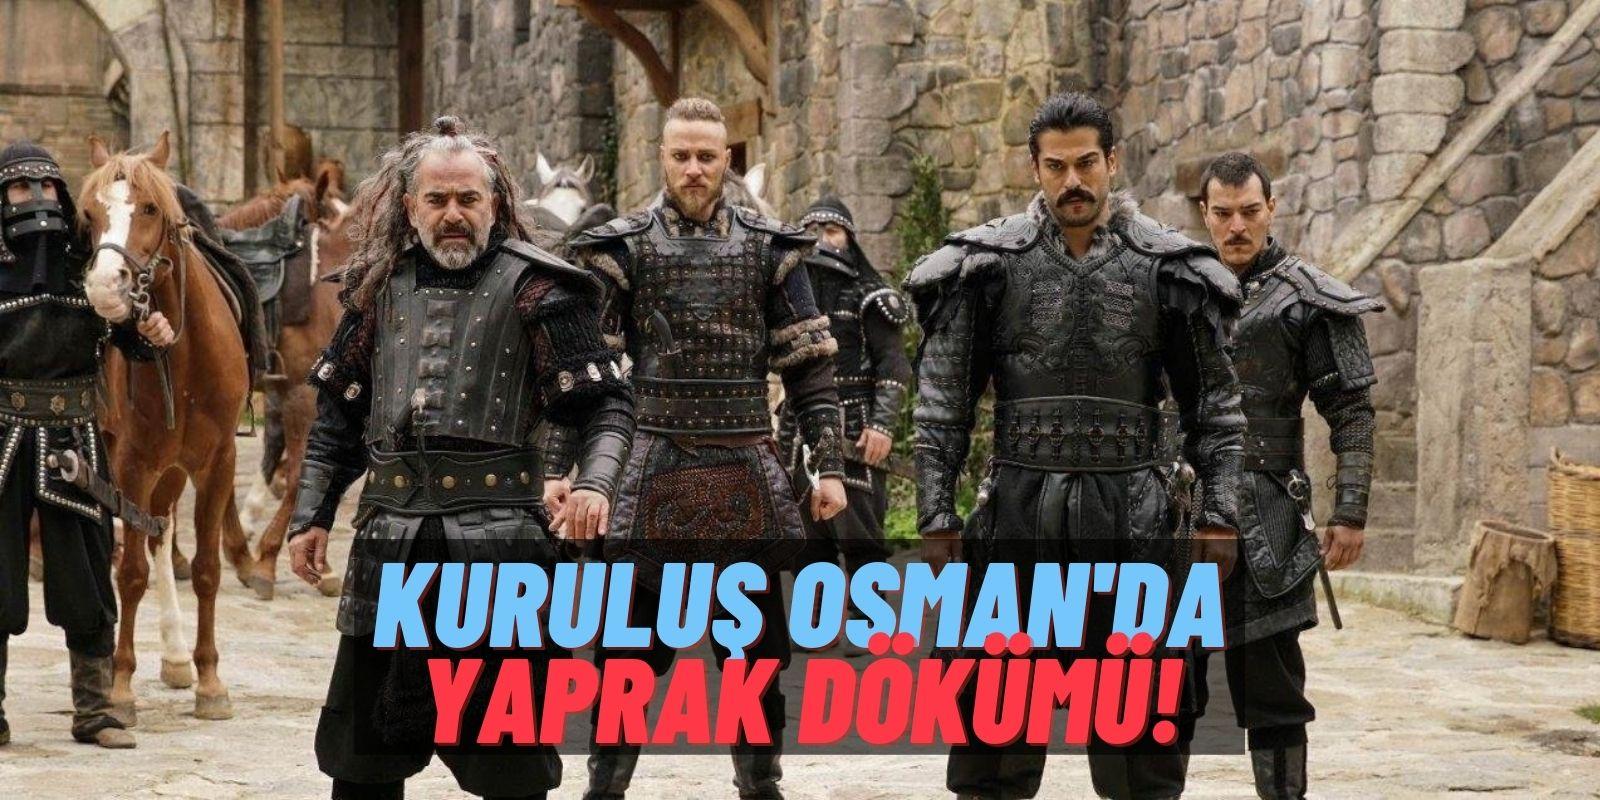 Kuruluş Osman'da Tecrübeli İsimler Birer Birer Ayrılıyor! Yeşim Ceren Bozoğlu ve Ragıp Savaş da Veda Etti